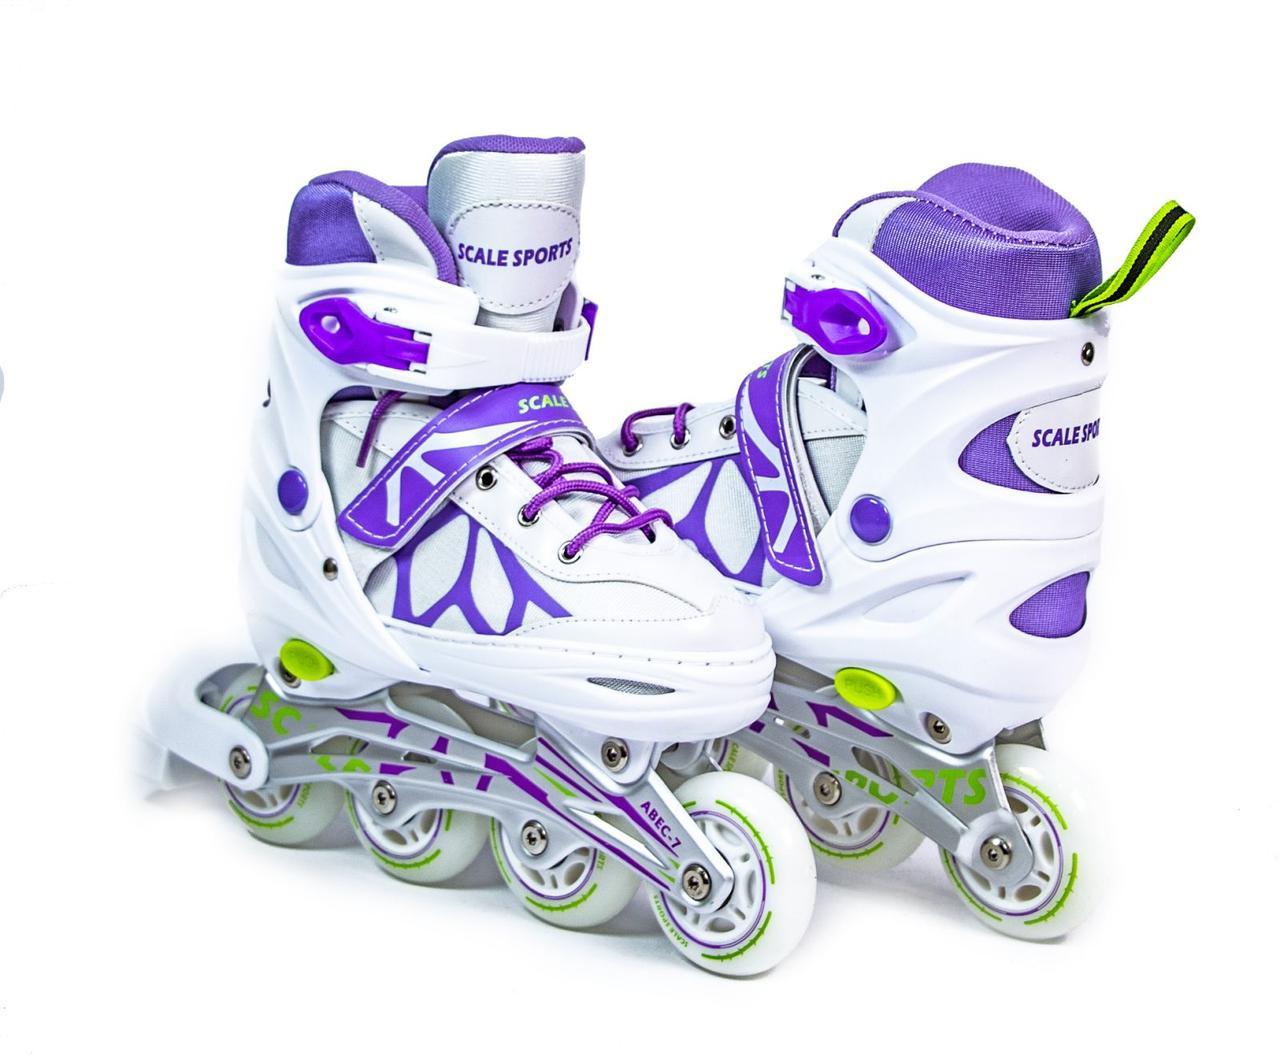 Ролики раздвижные Scale Sports (LF 601A) размер 34-37 Бело-фиолетовые